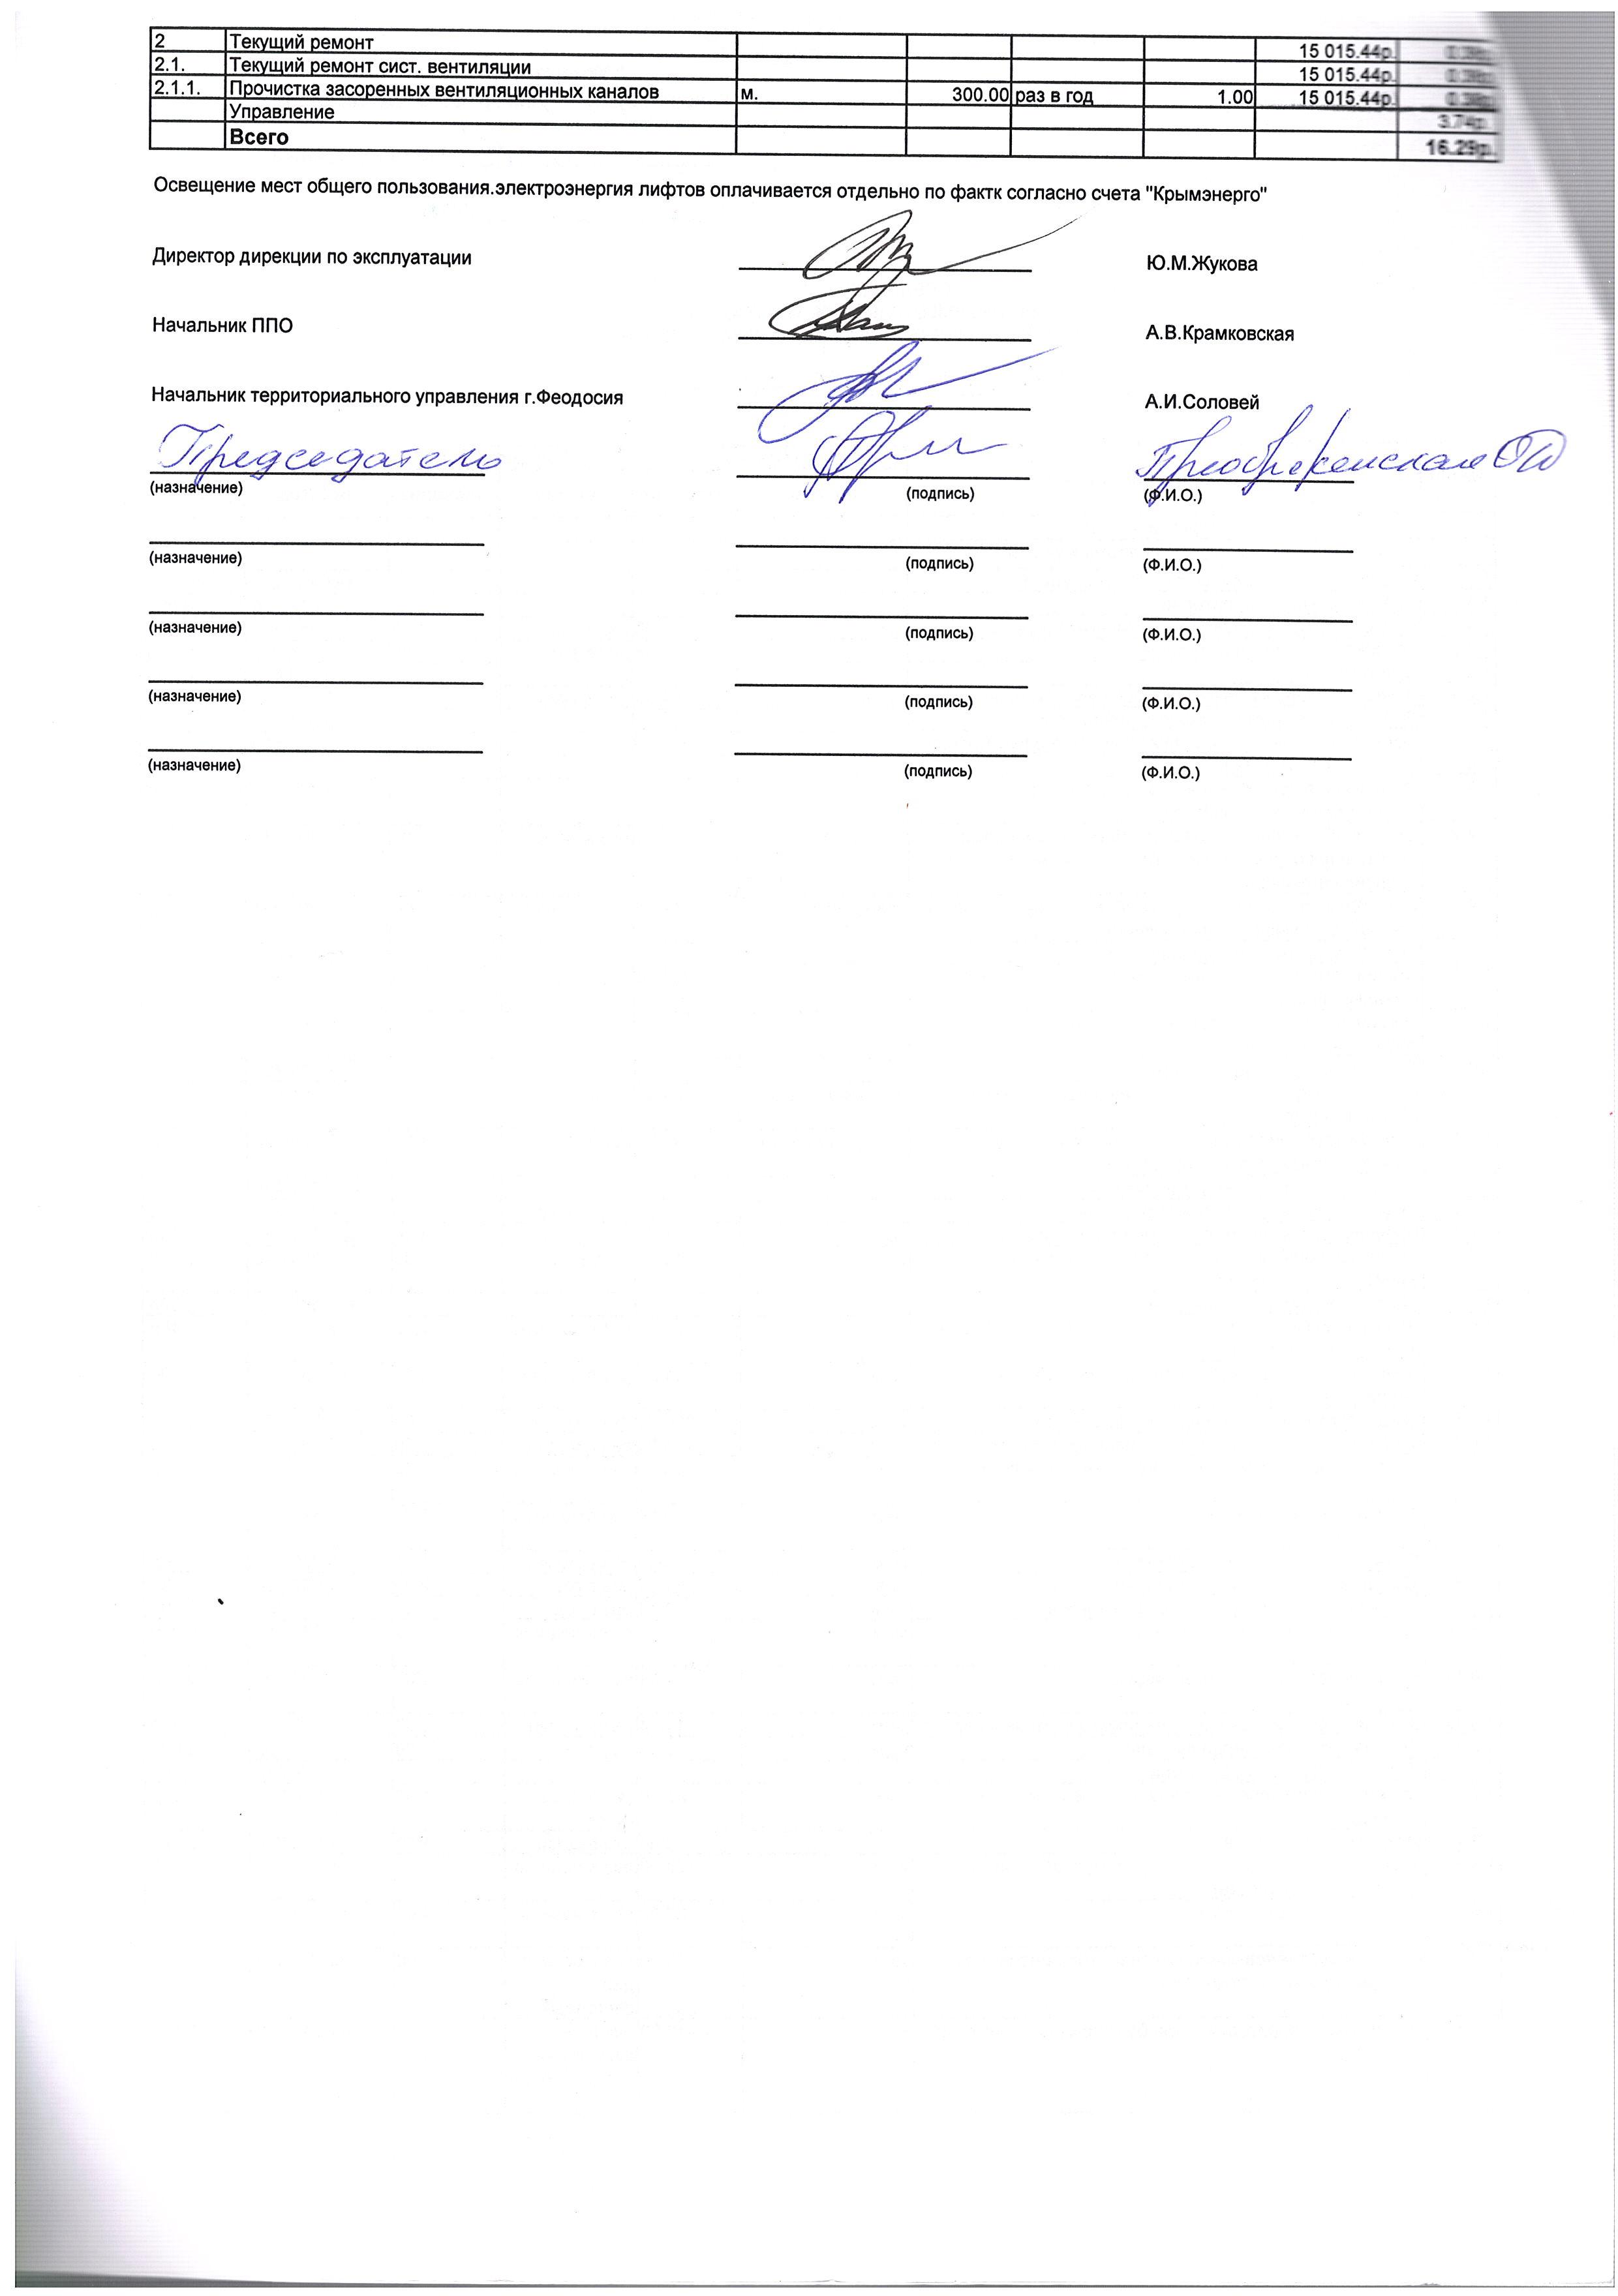 Коробкова 14В (с.2)